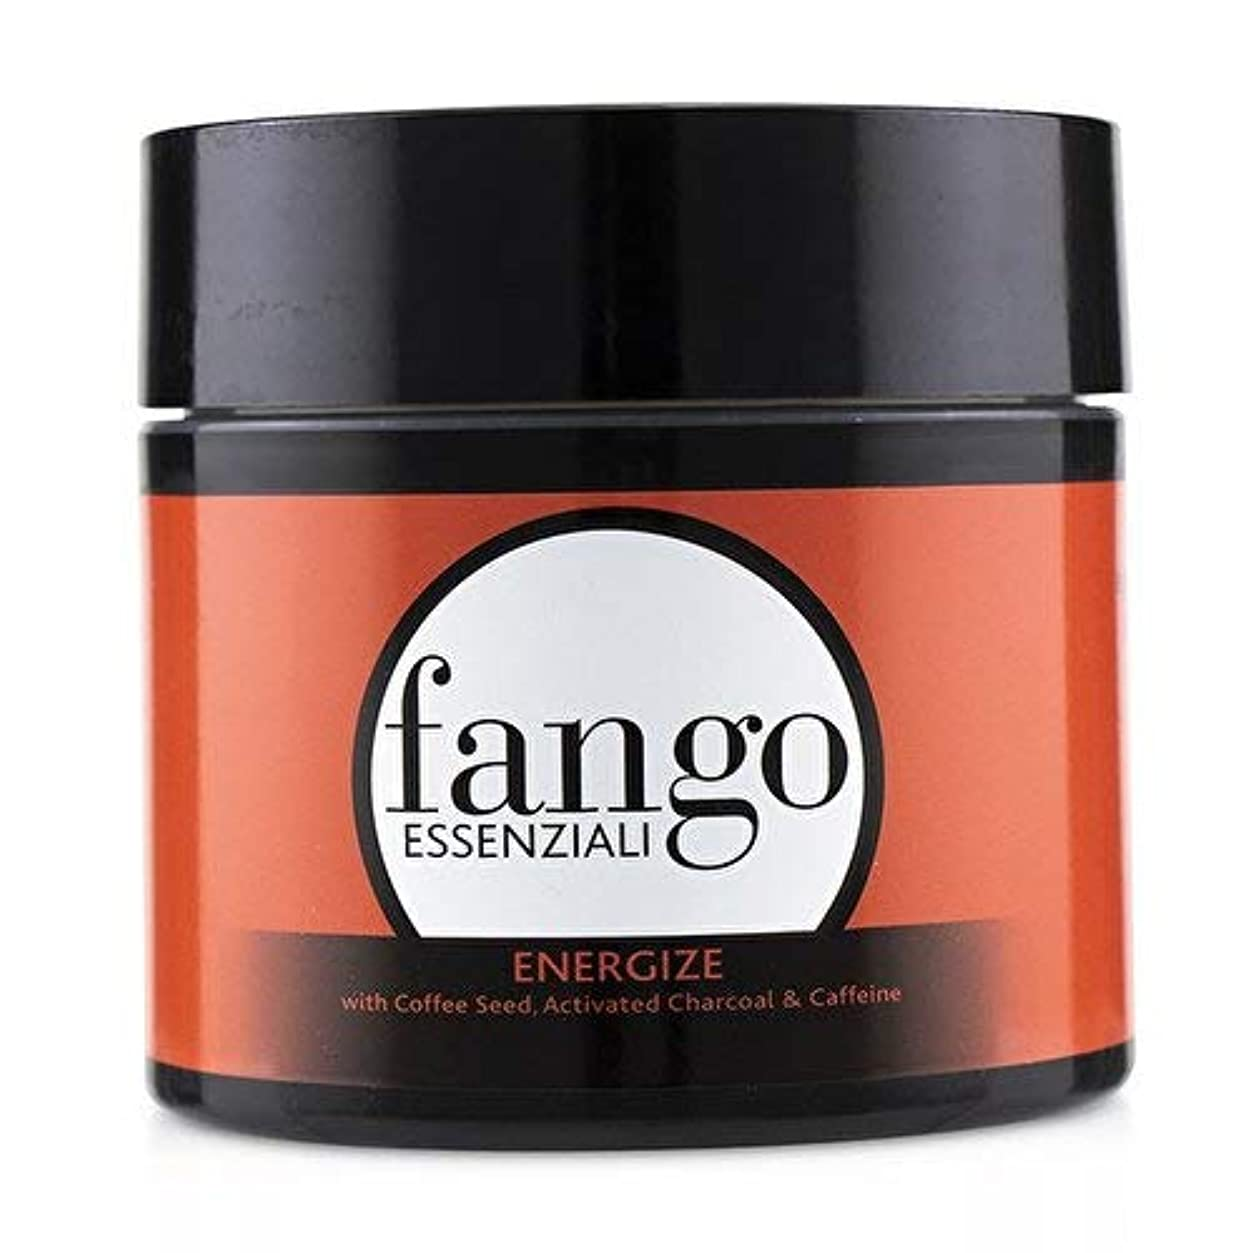 適性全く忠実なボルゲーゼ Fango Essenziali Energize Mud Mask with Coffee Seed, Activated Charcoal & Caffeine 198g/7oz並行輸入品